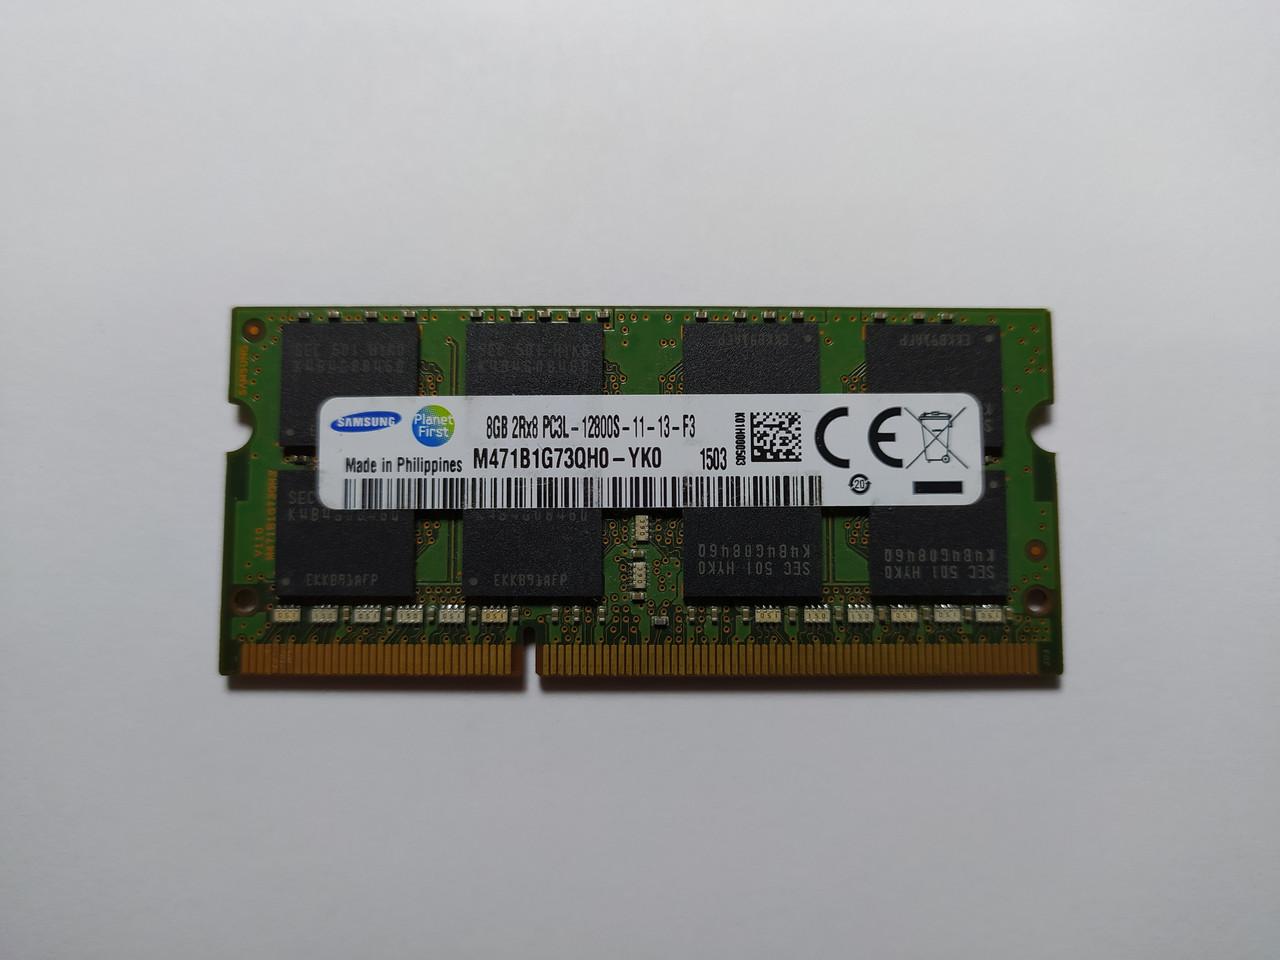 Оперативная память для ноутбука SODIMM Samsung DDR3L 8Gb 1600MHz PC3L-12800S (M471B1G73QH0-YK0) Б/У